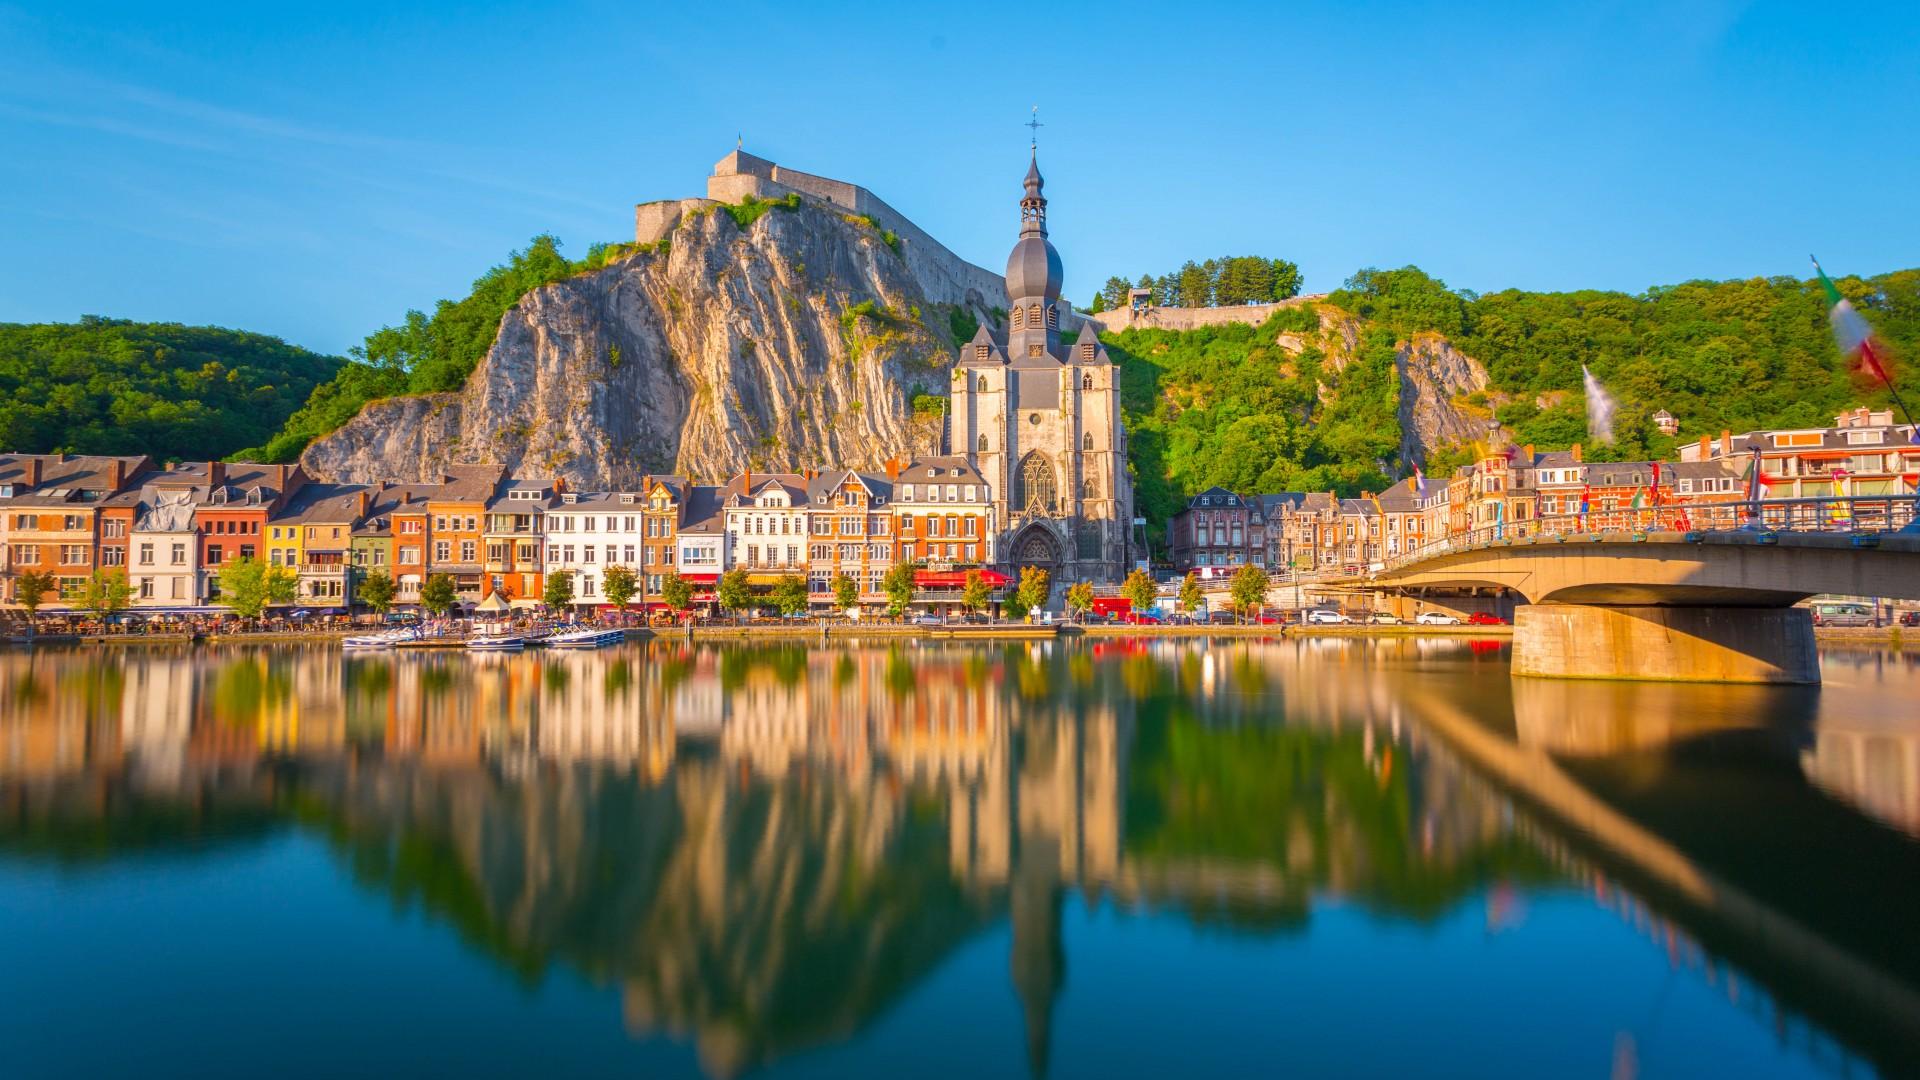 dinant-bron-den-gotiska-katedralen-och-secret-world